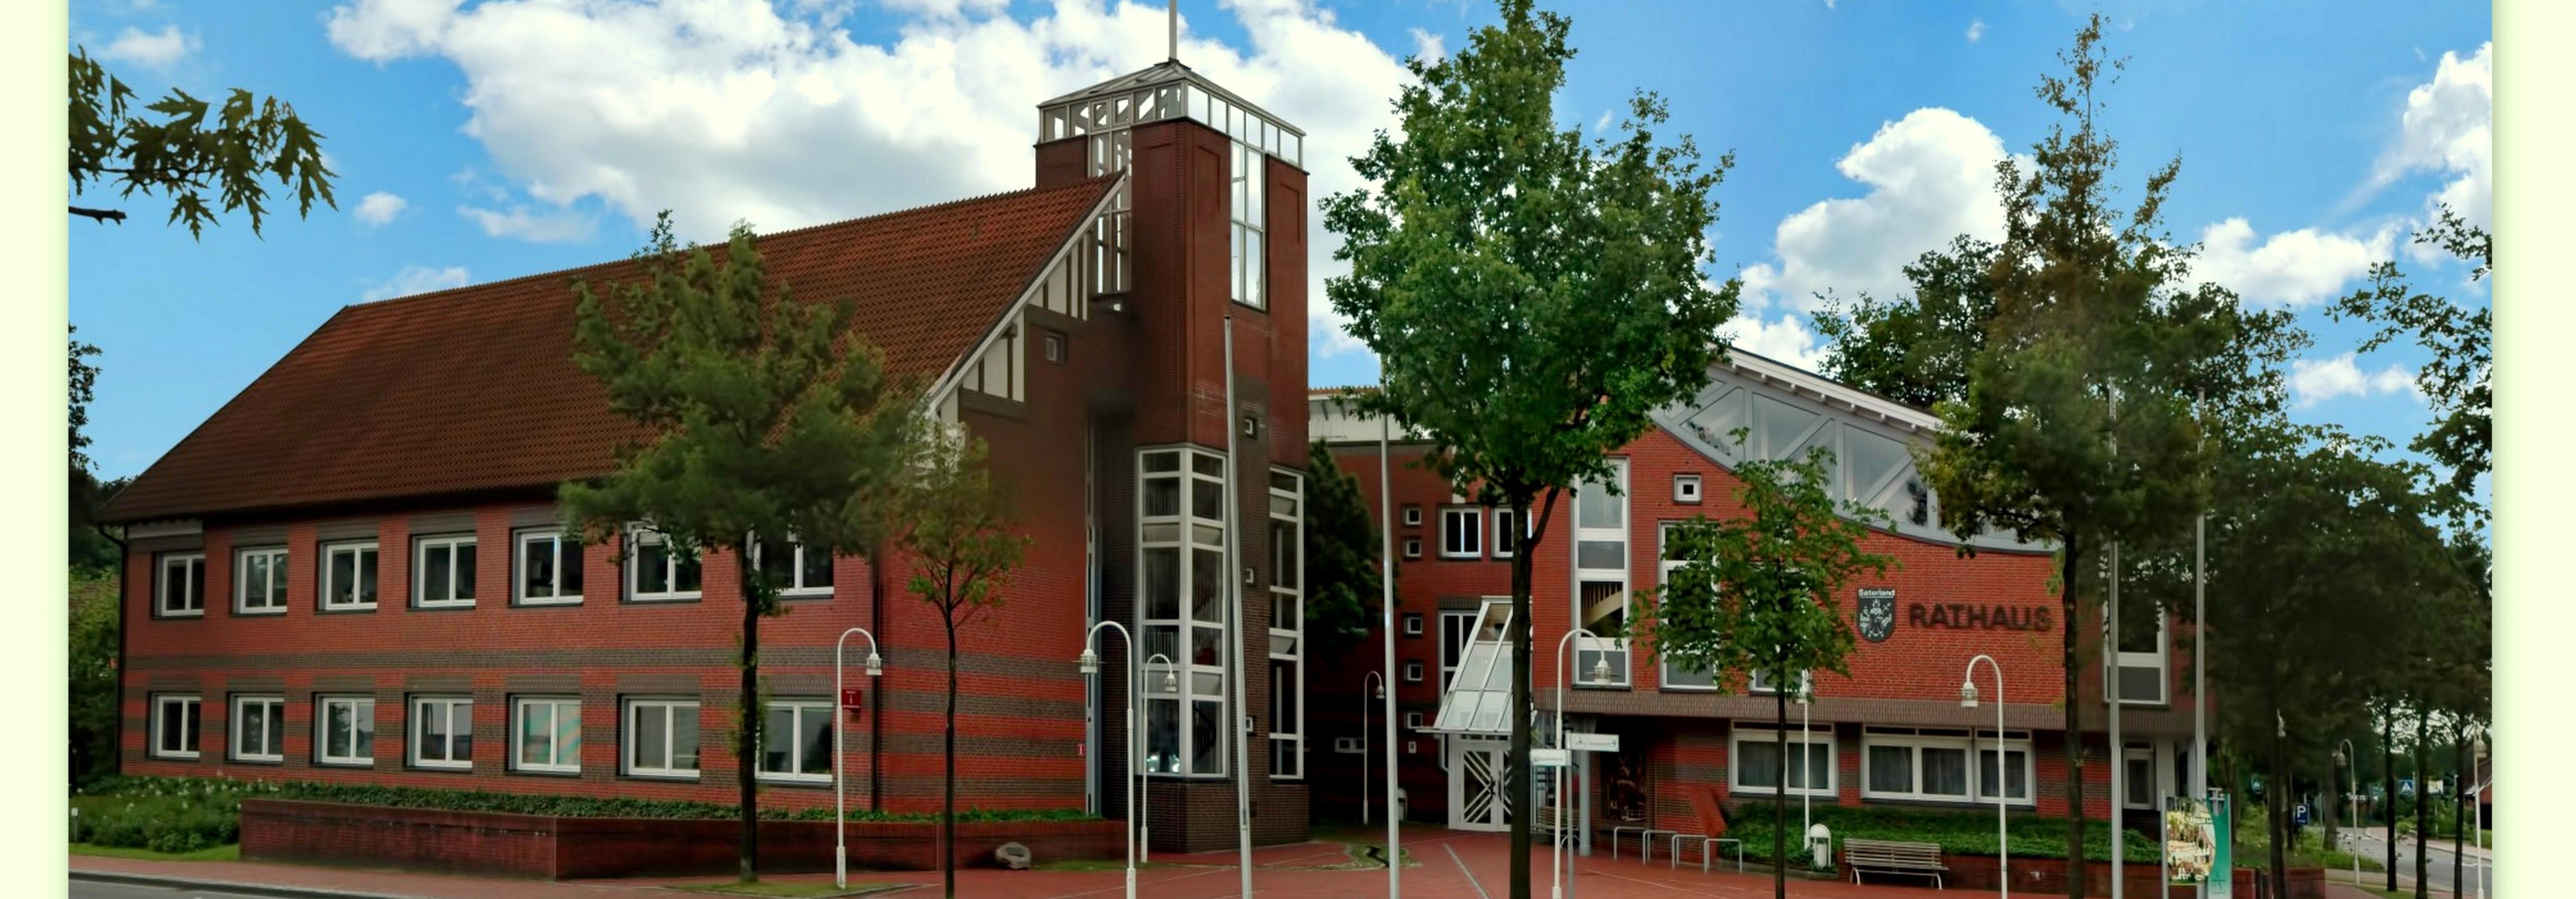 Saterland - Startseite